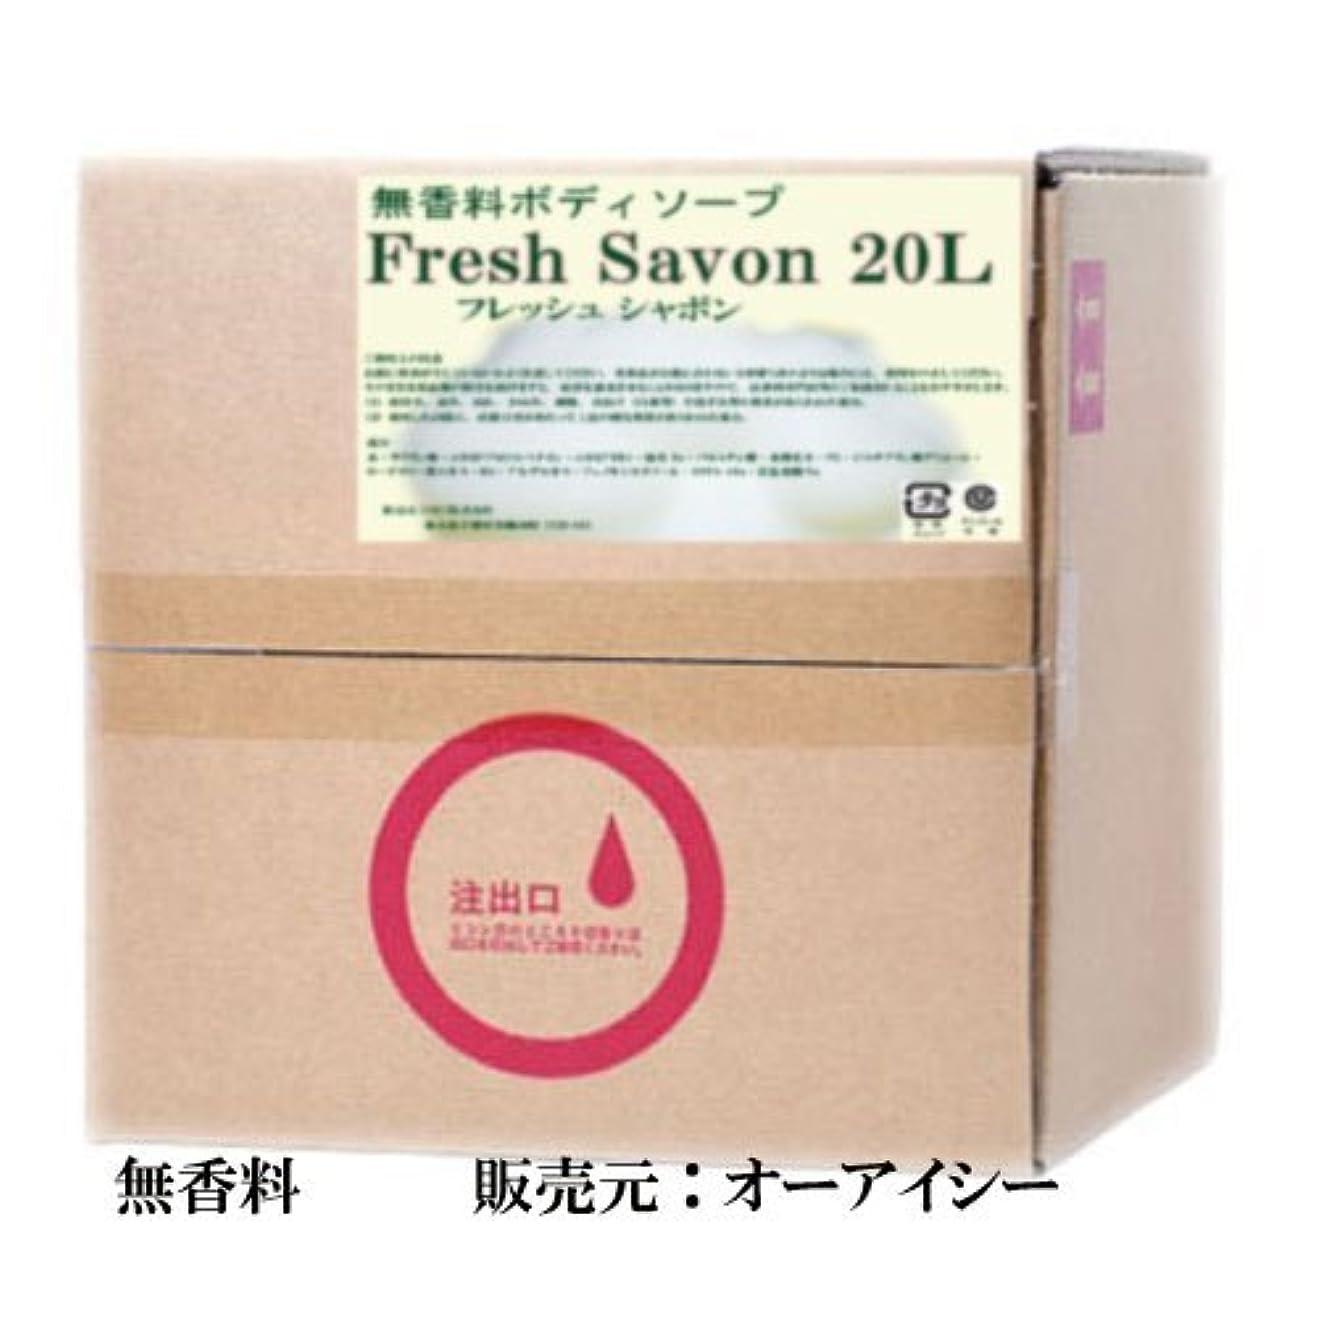 うまれた概念保証金業務用 無香料 ボディソープ フレッシュシャボン 20L (販売元:オーアイシー) (ホワイト(コック付属))